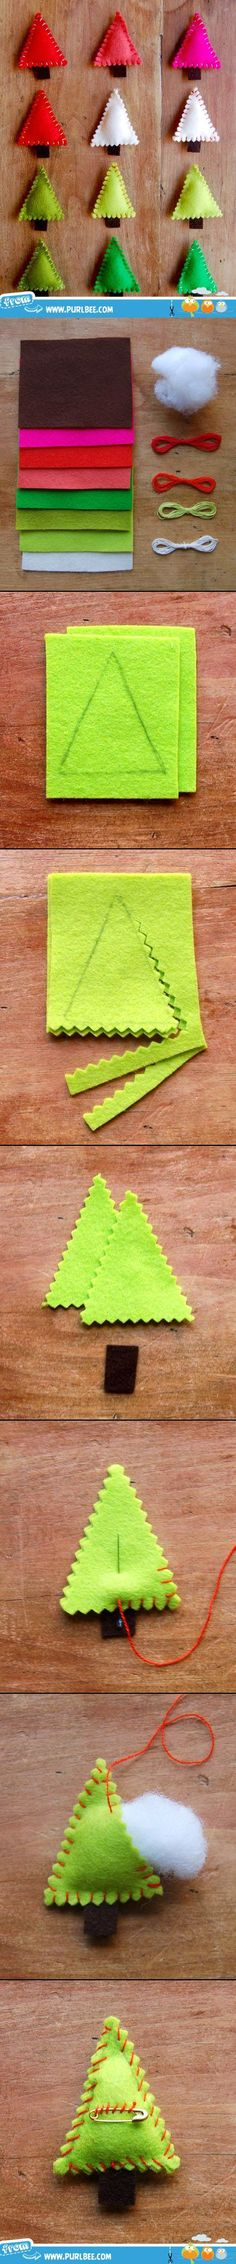 ErikaStyle Titkai: Karácsonyi dísz készítése - fenyő filcből